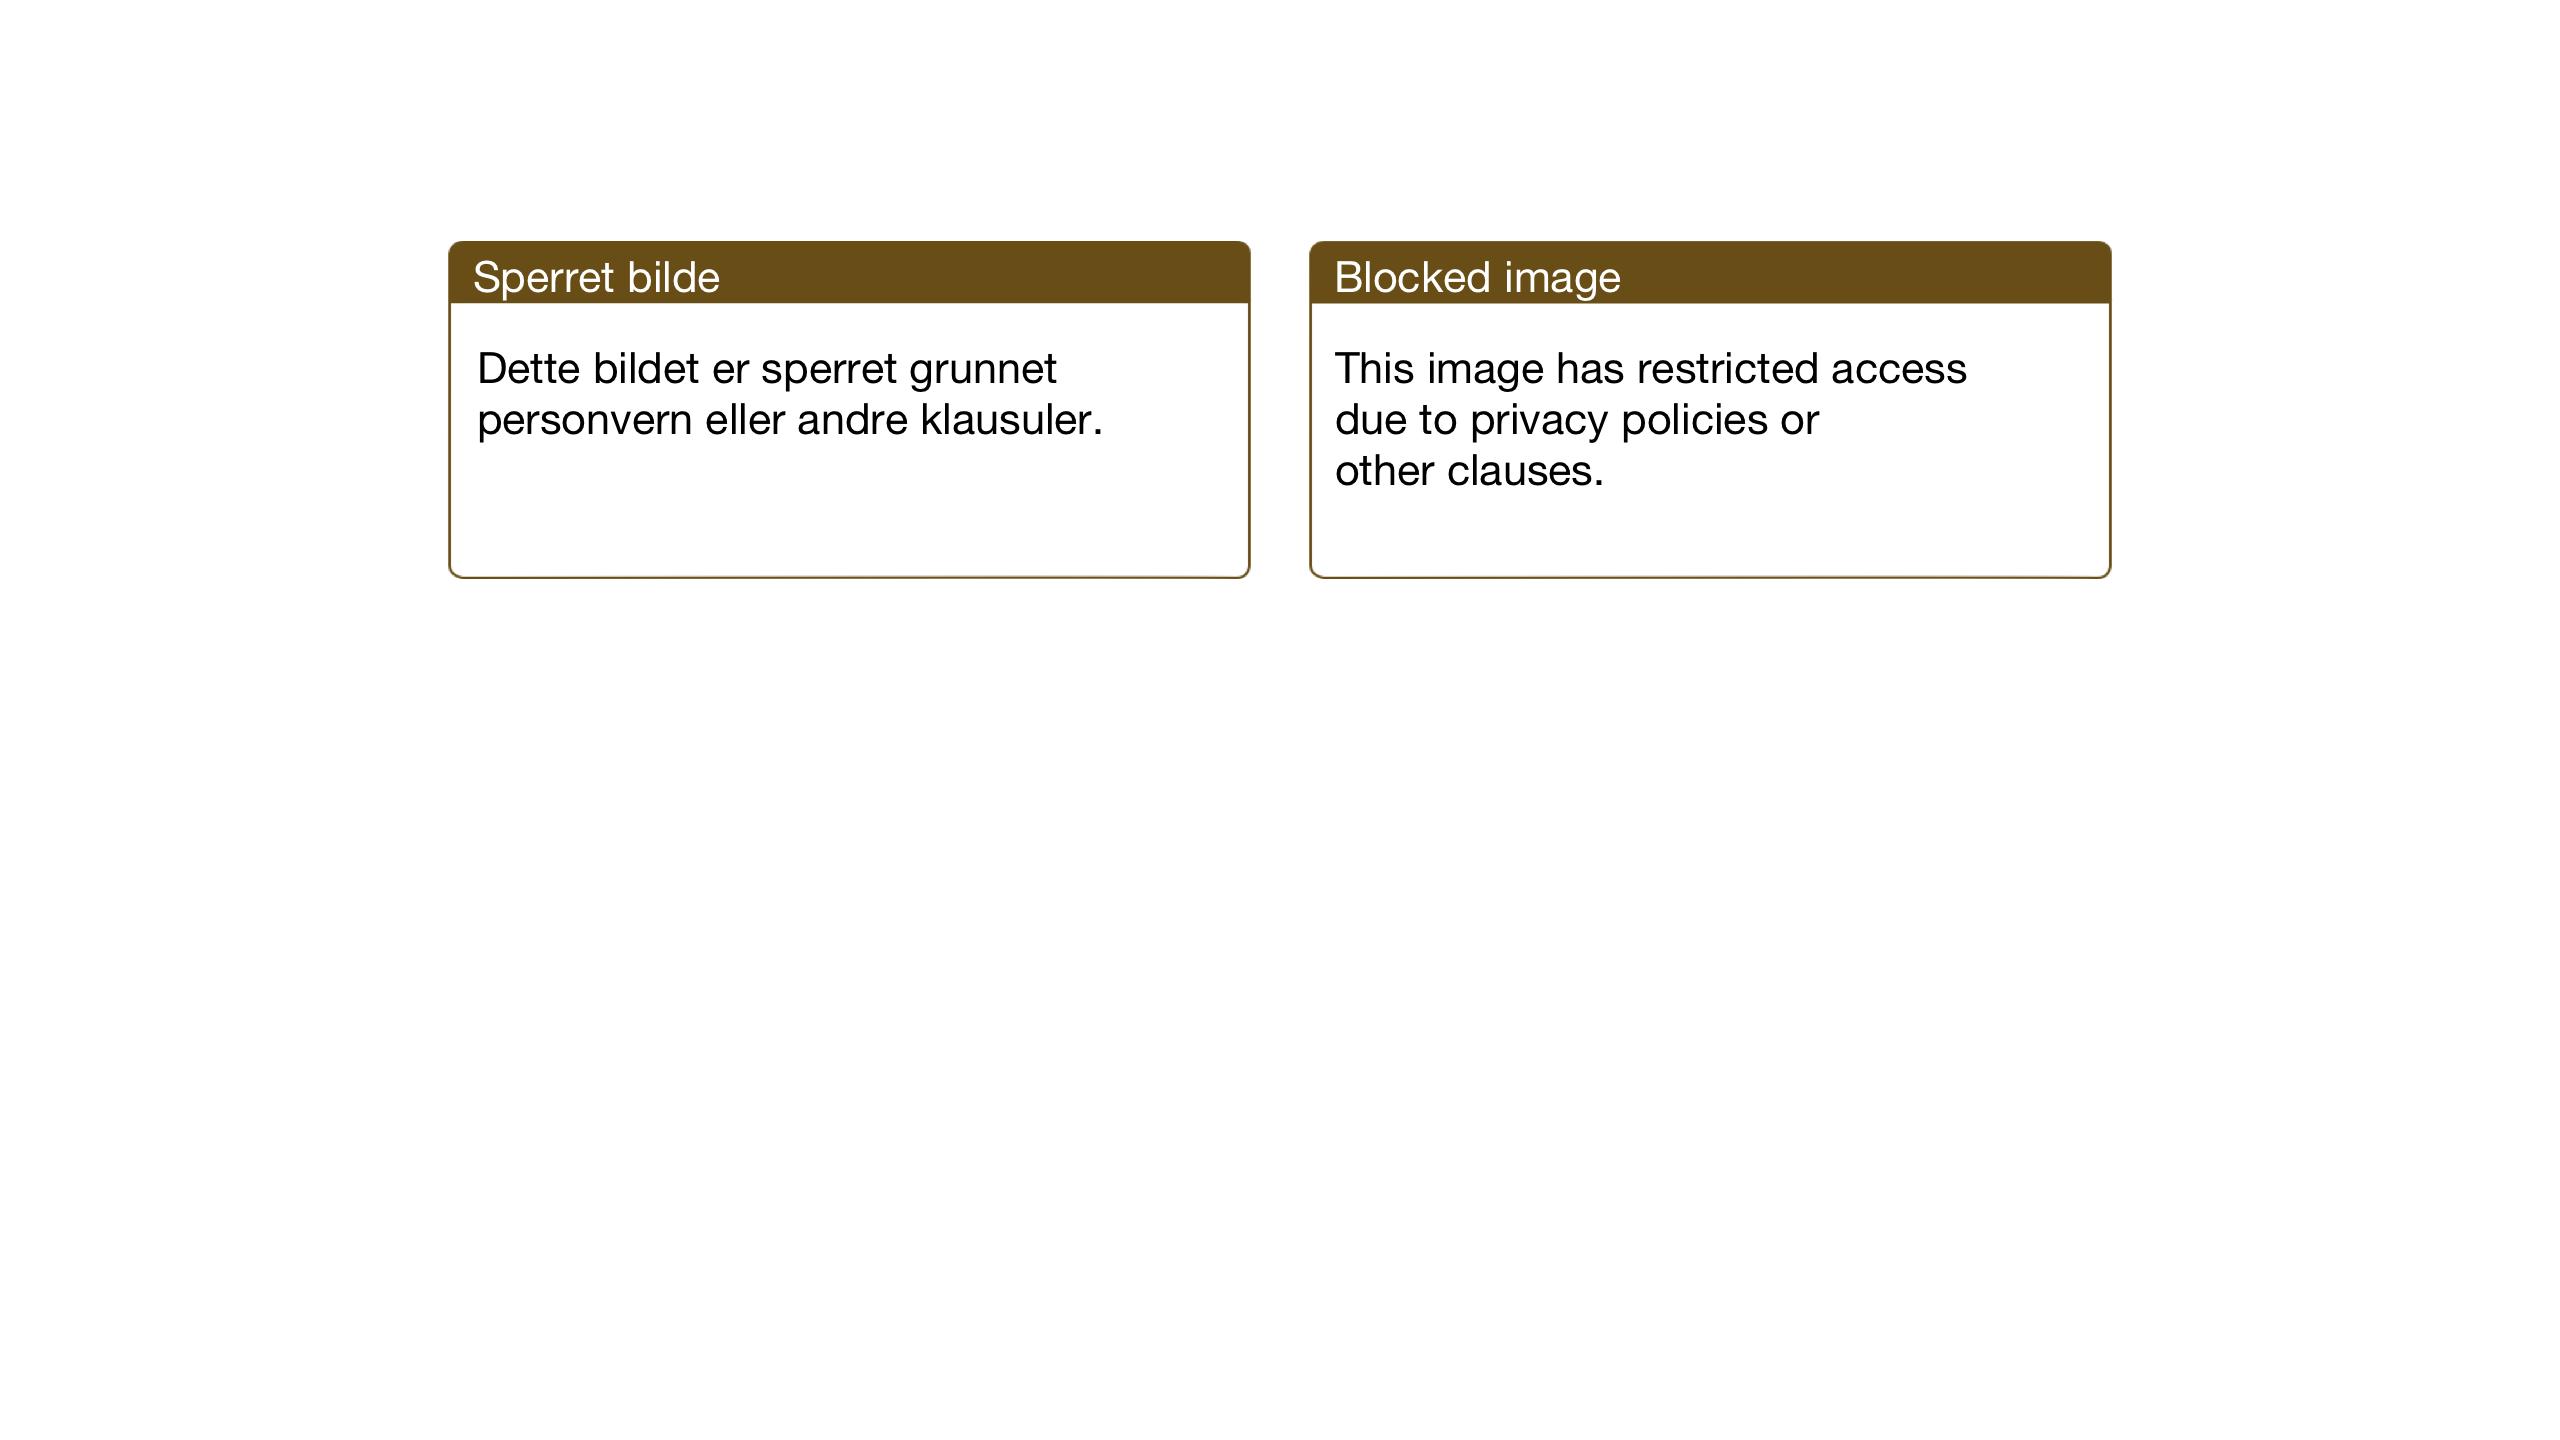 SAT, Ministerialprotokoller, klokkerbøker og fødselsregistre - Nord-Trøndelag, 733/L0328: Klokkerbok nr. 733C03, 1919-1966, s. 134